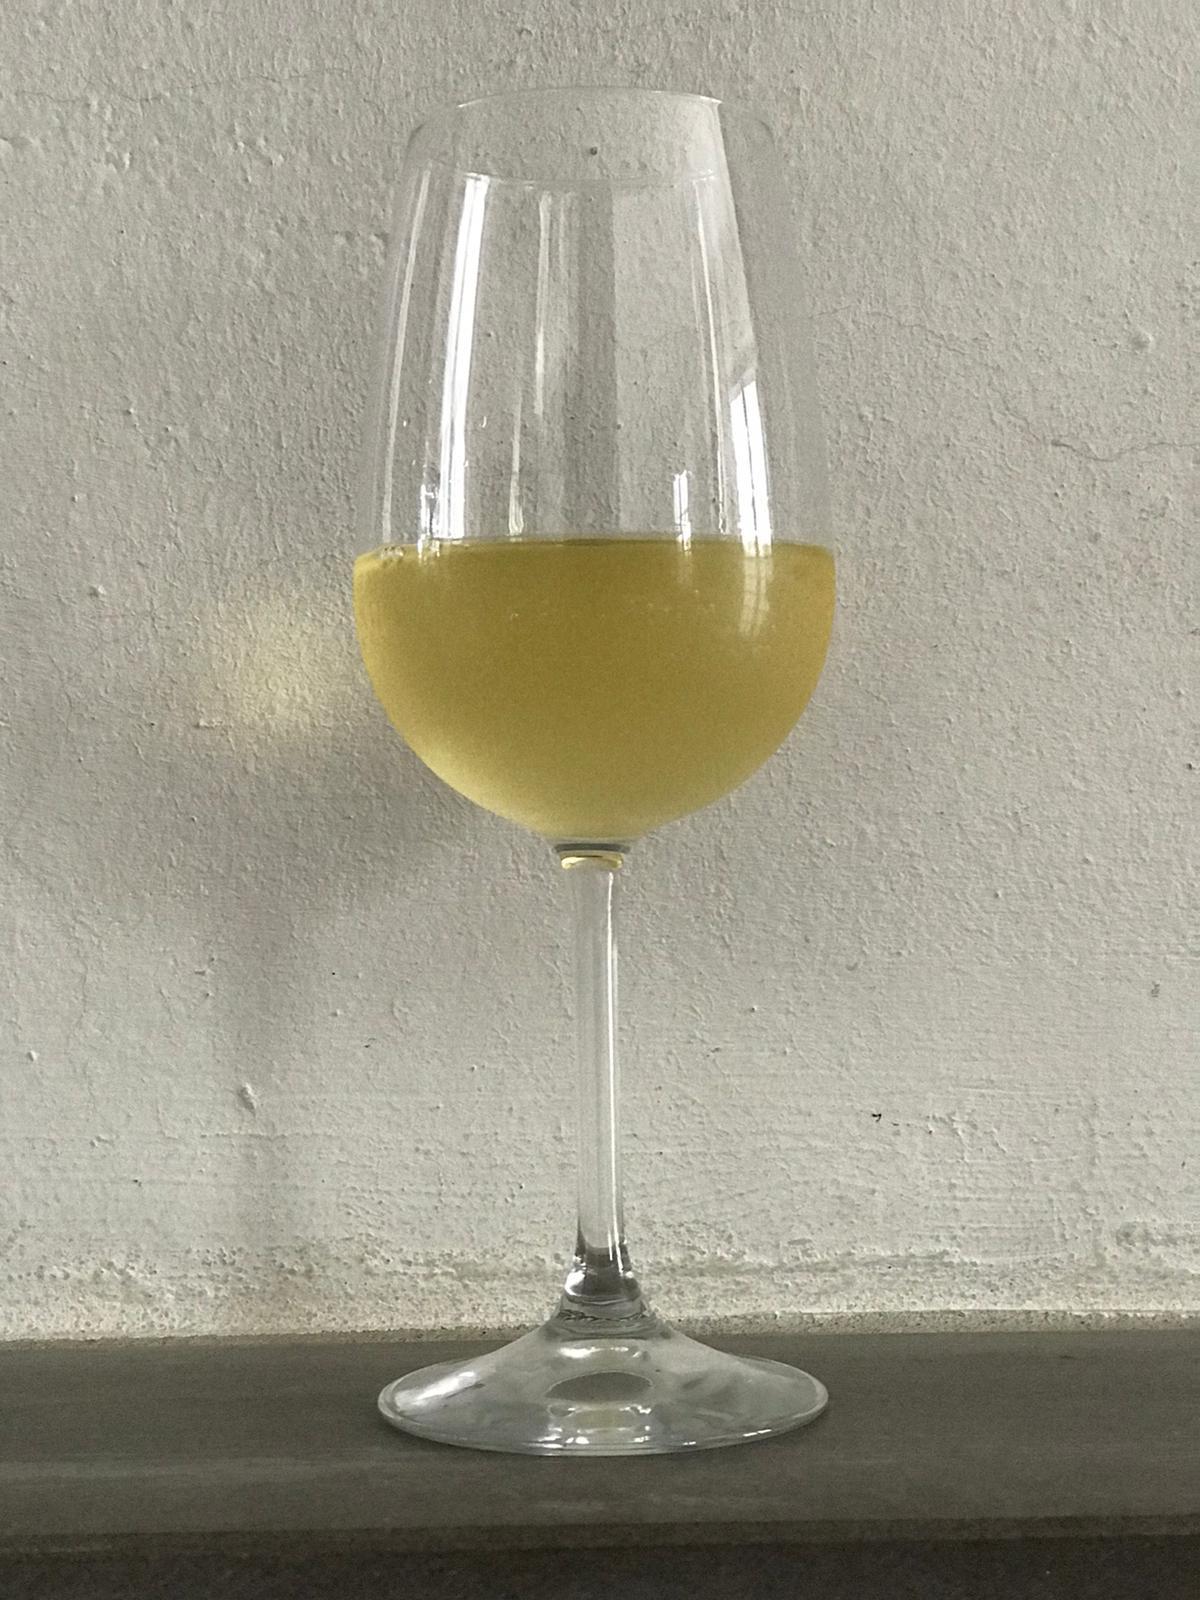 La quantità ideale di vino bianco e rosato in un bicchiere